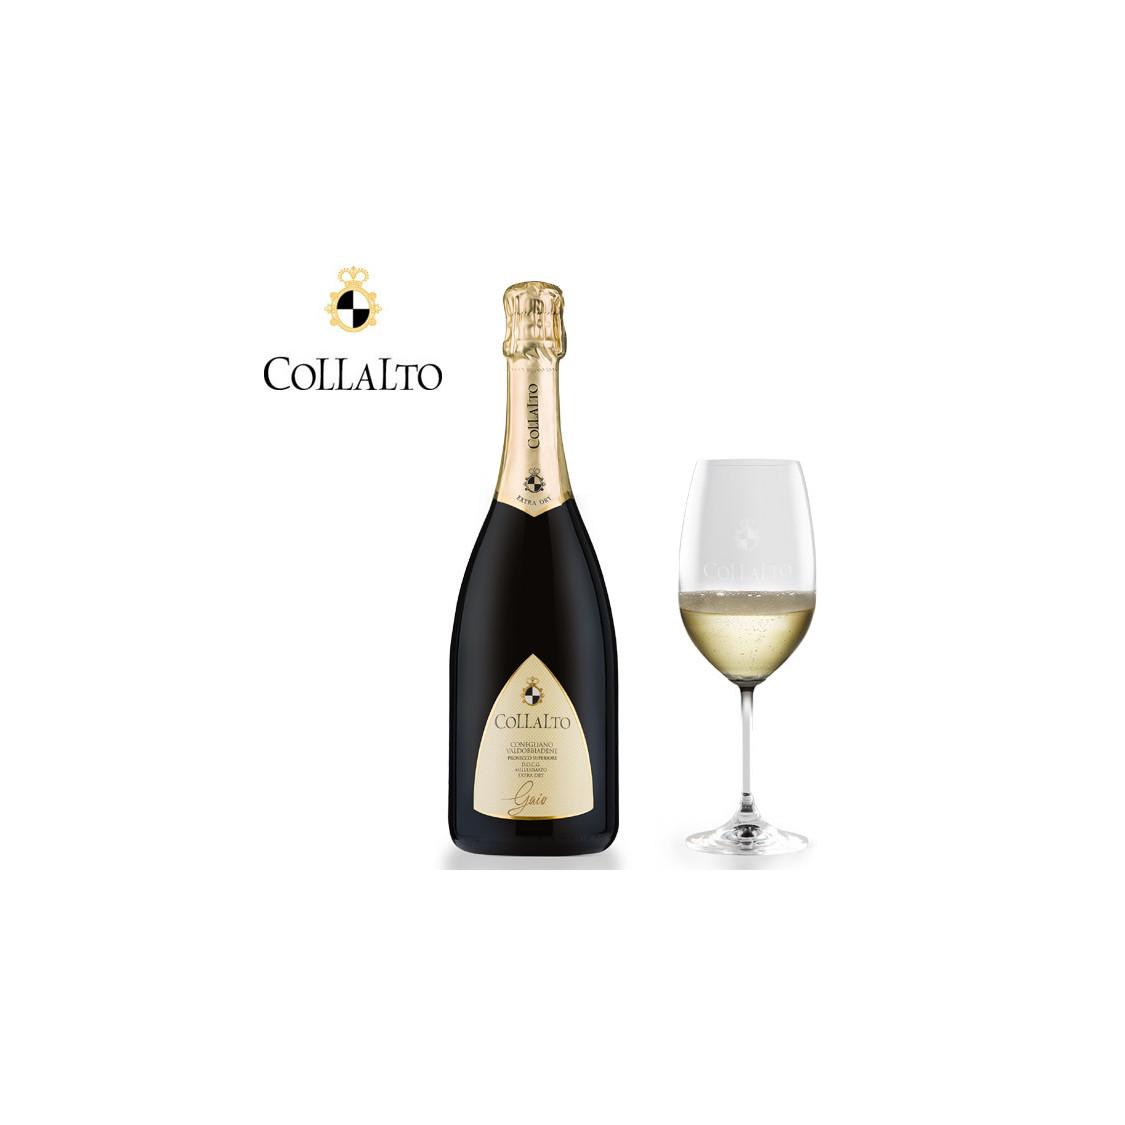 COLLALTO Gaio Extra Dry DOCG - 75 cl